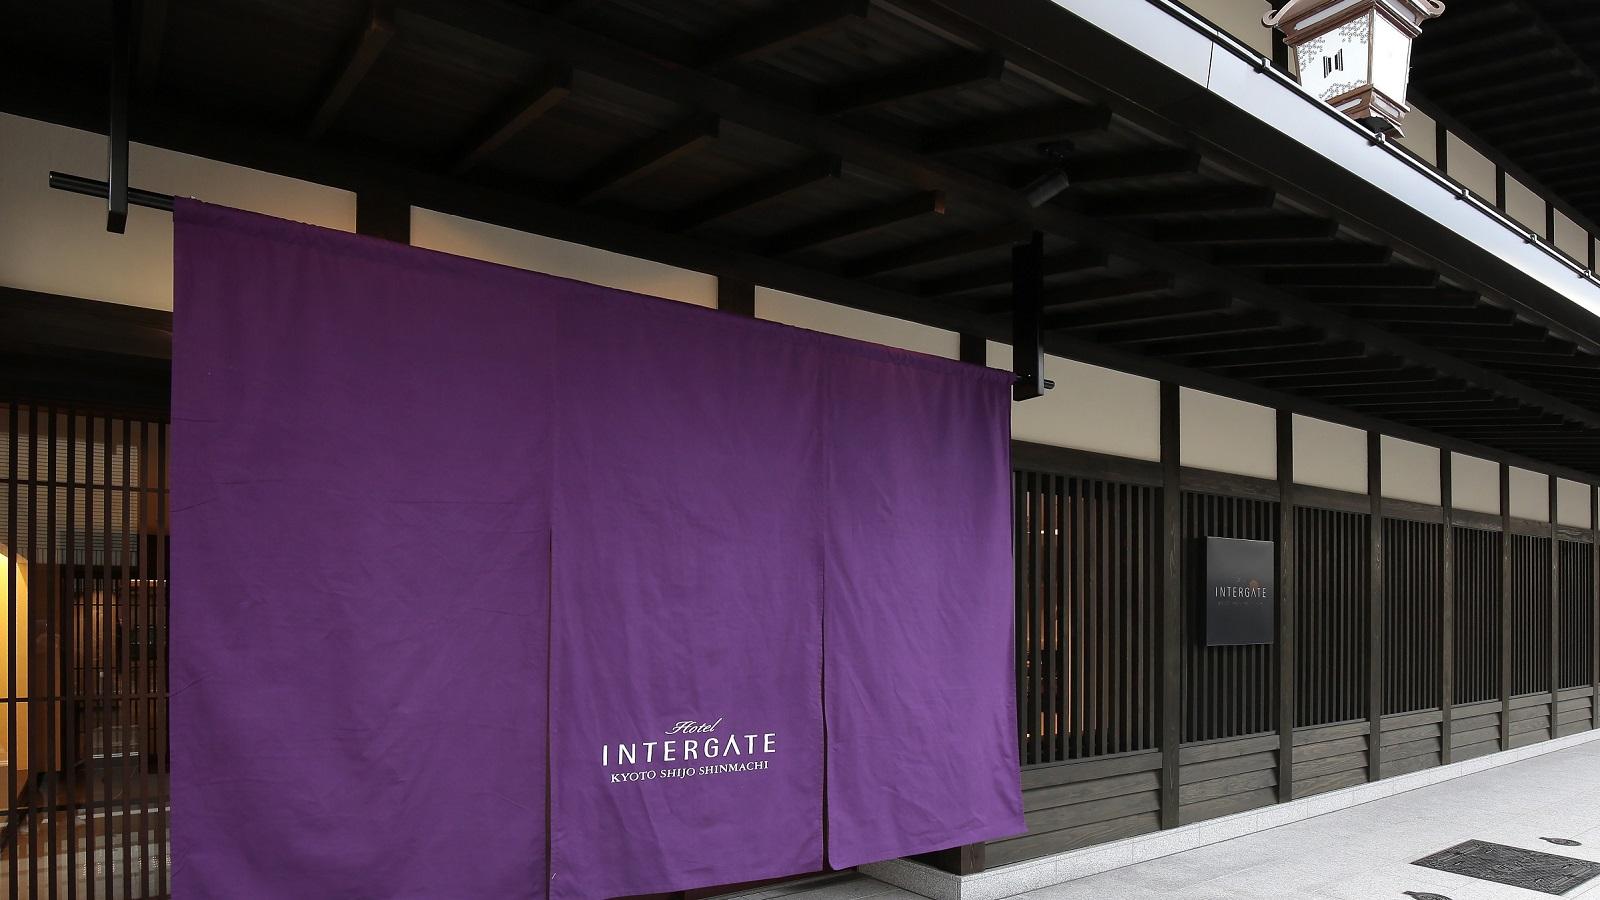 ホテルインターゲート京都 四条新町 image